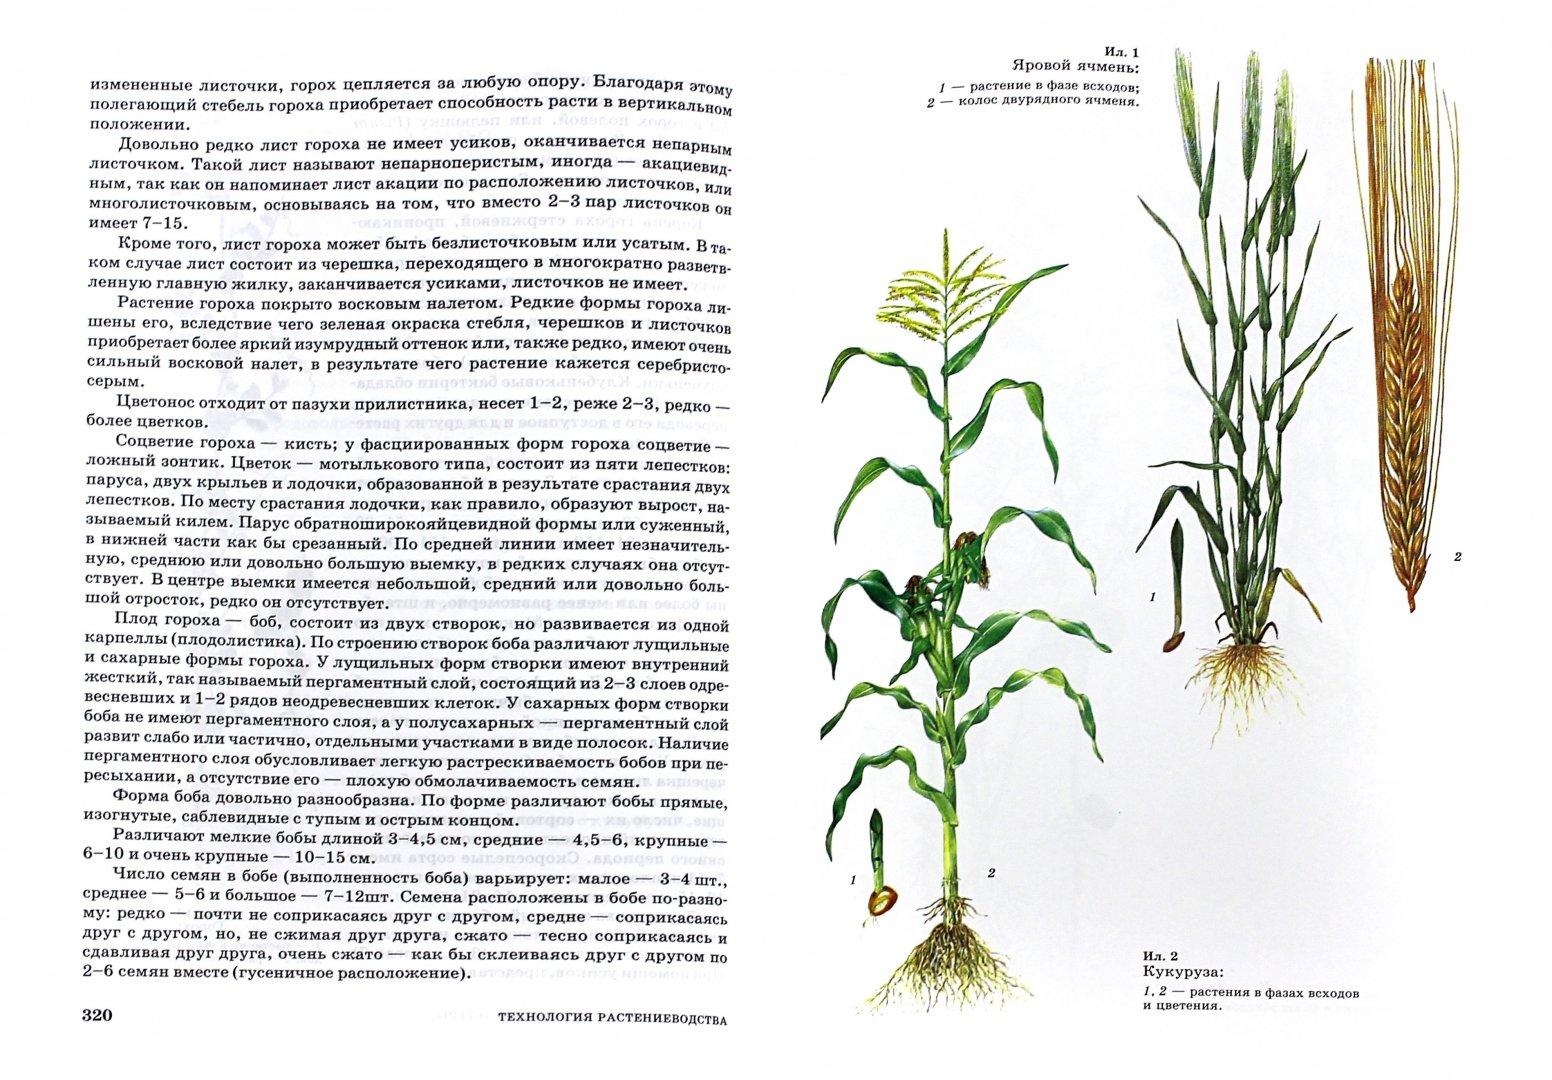 Иллюстрация 1 из 3 для Технология растениеводства. Учебное пособие - Наумкин, Ступин   Лабиринт - книги. Источник: Лабиринт